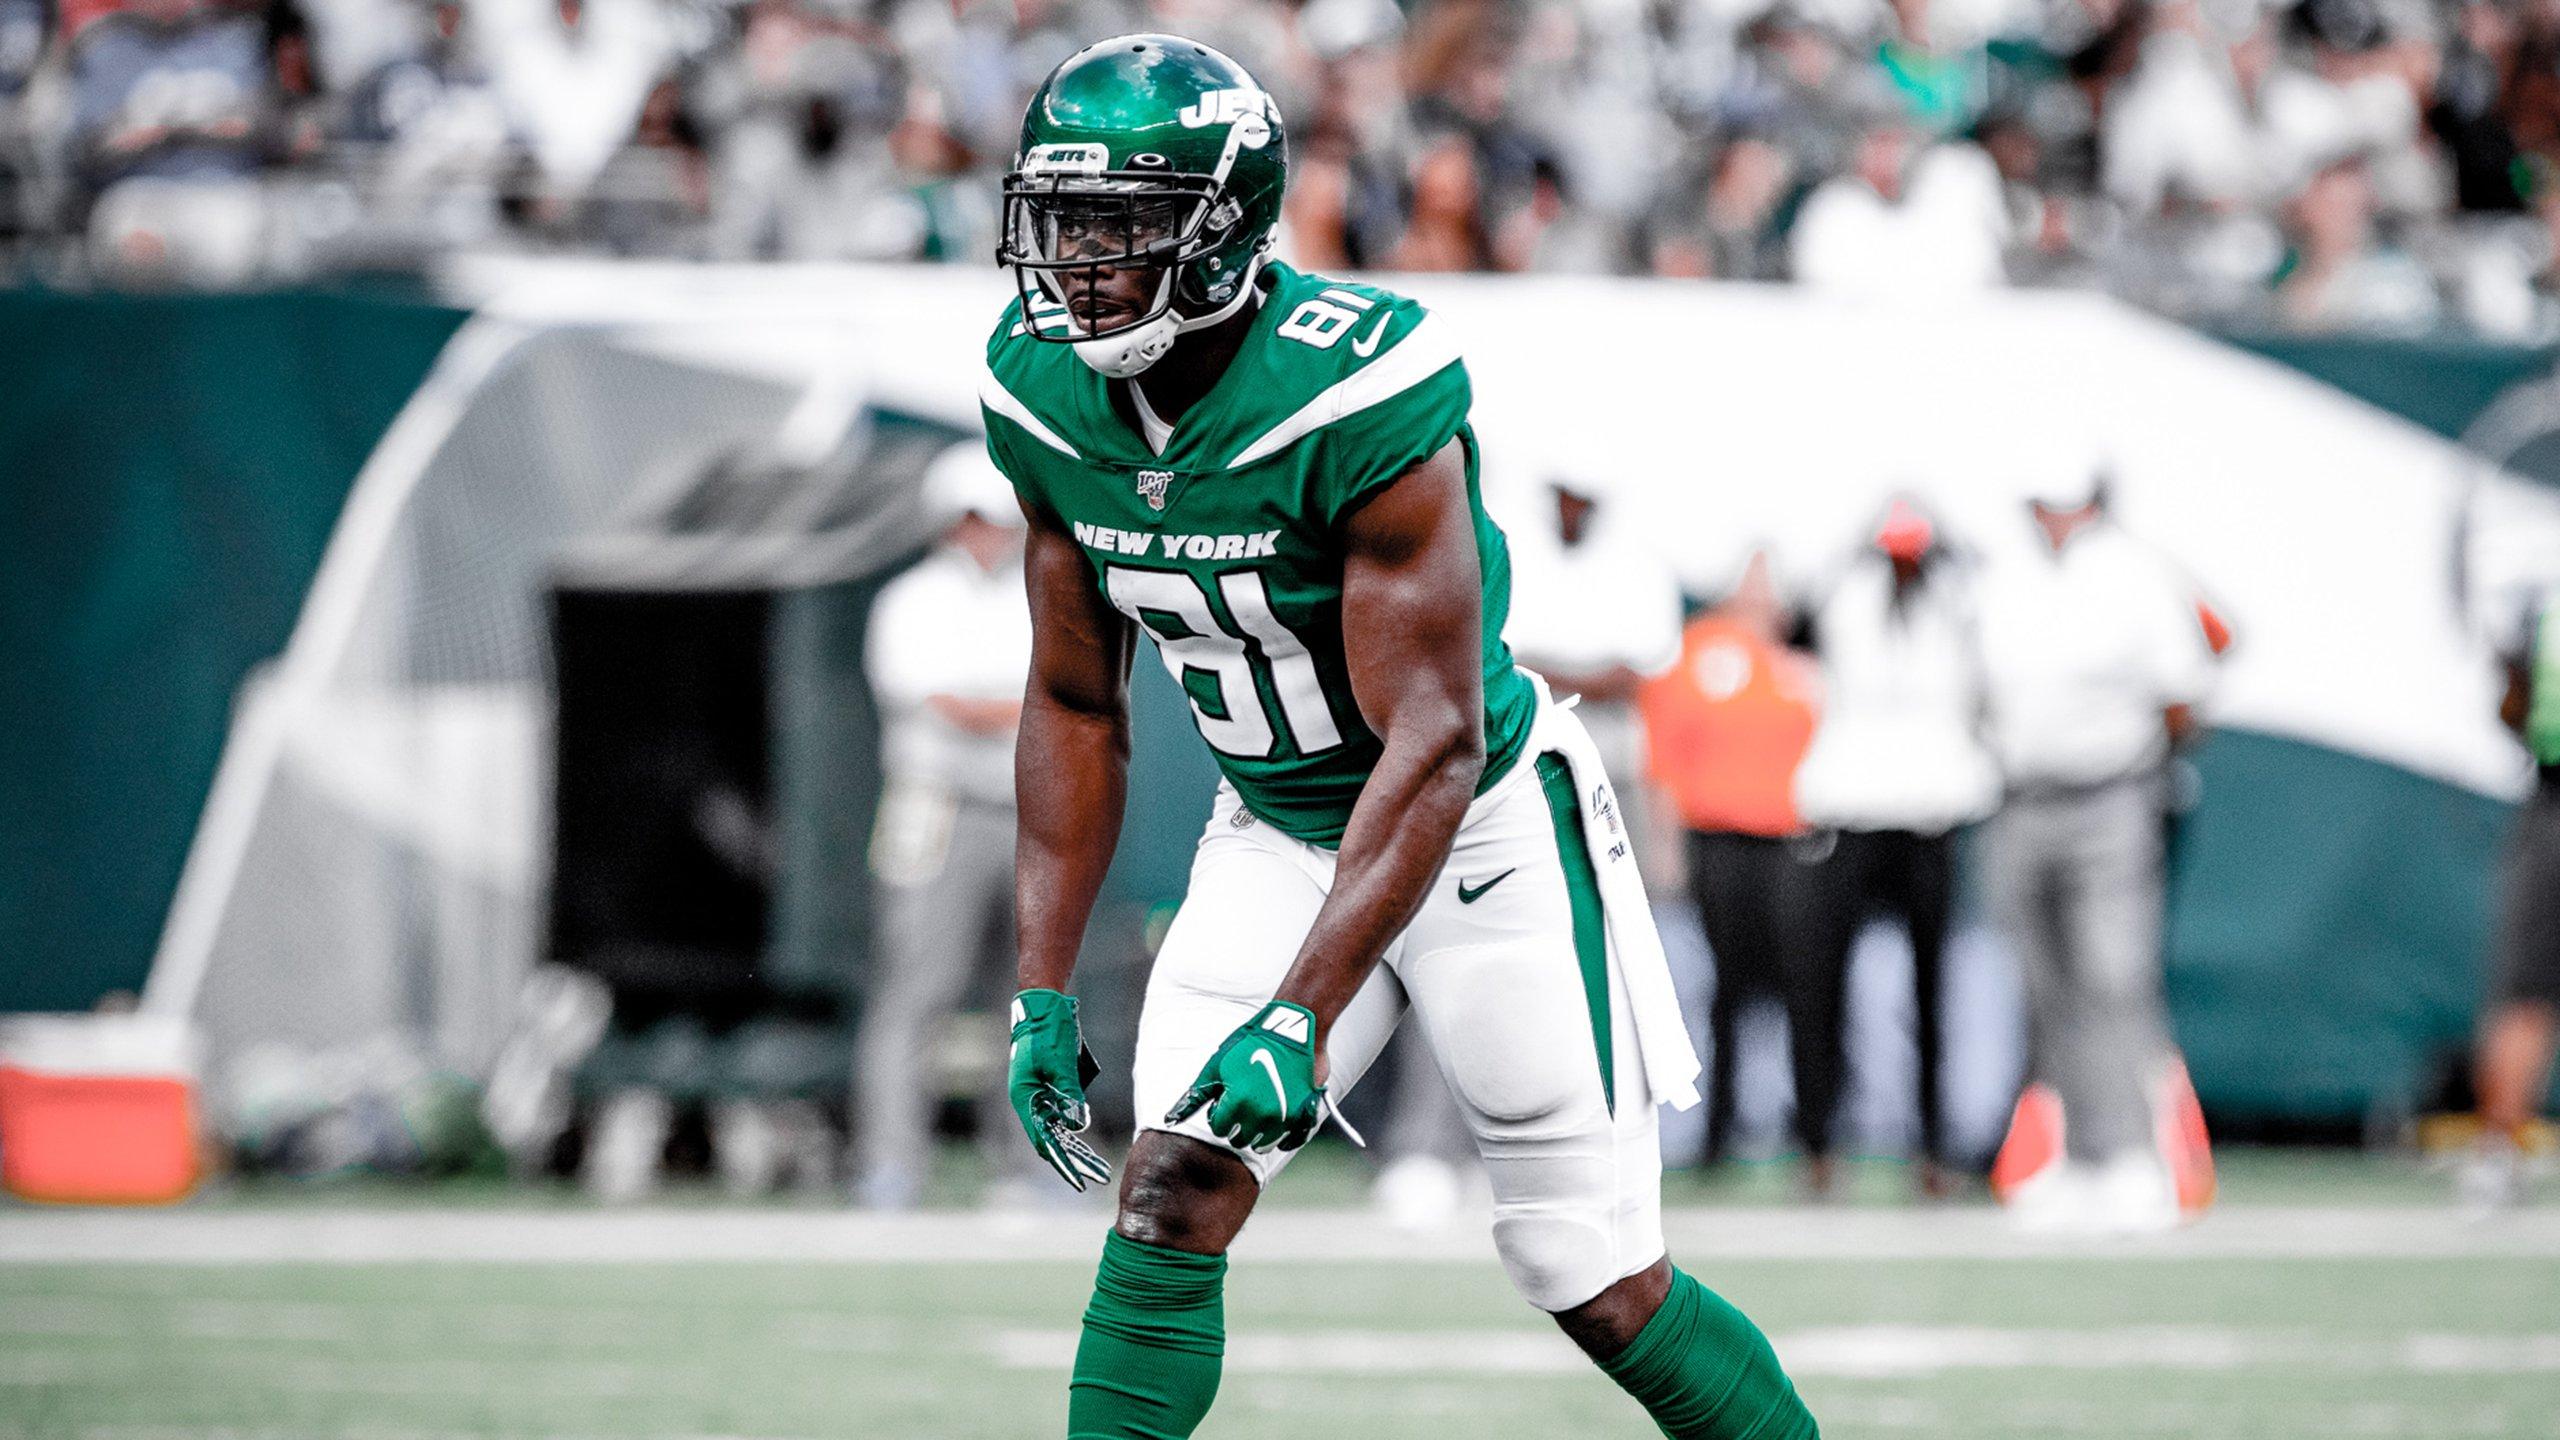 Jets y Browns van por primera victoria en Temporada 2019 de NFL